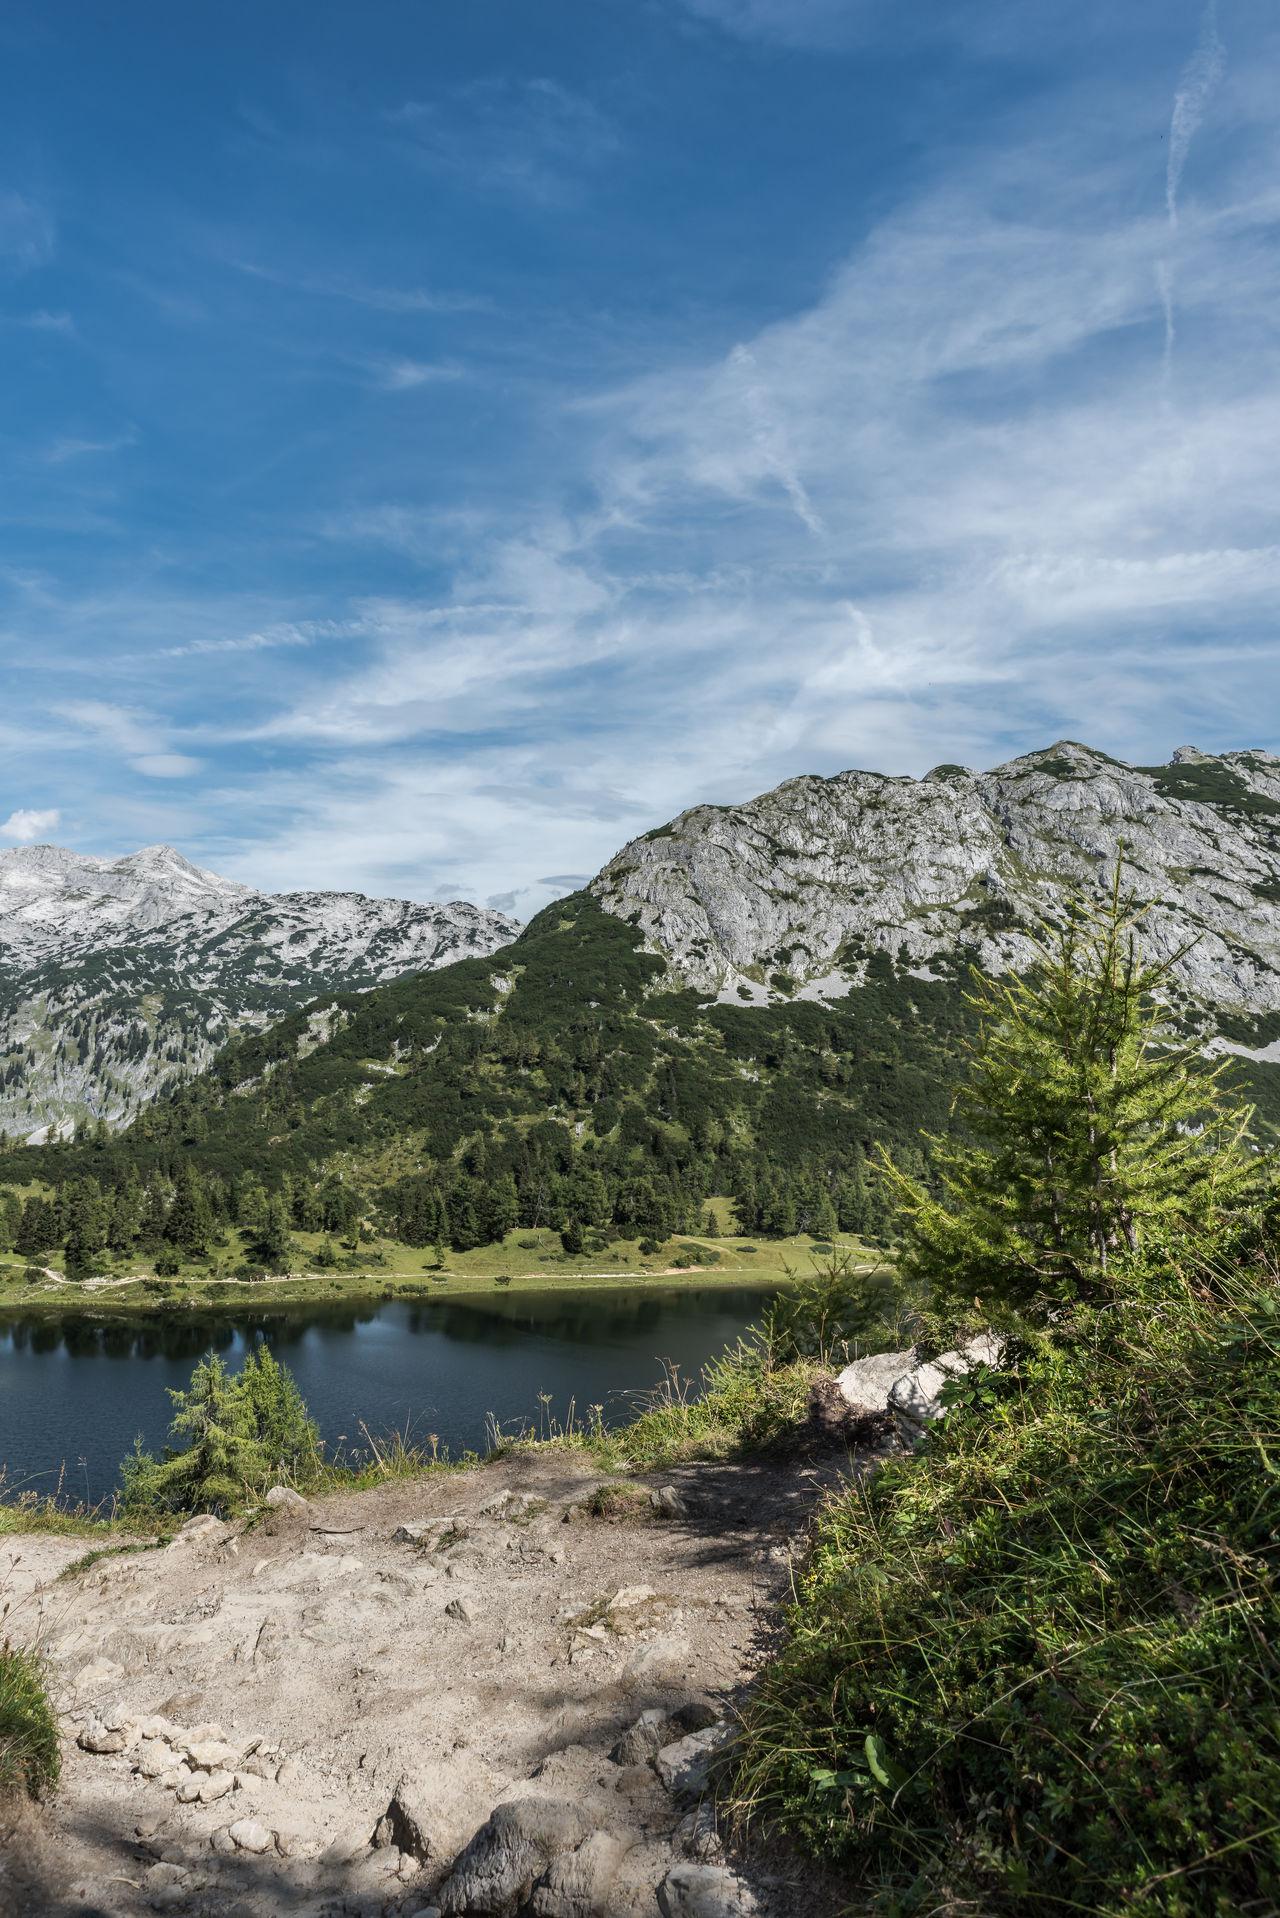 Berge Bergsee Blau Bäume Grün Himmel Licht Und Schatten See Steine Wandern Weiss Wolken